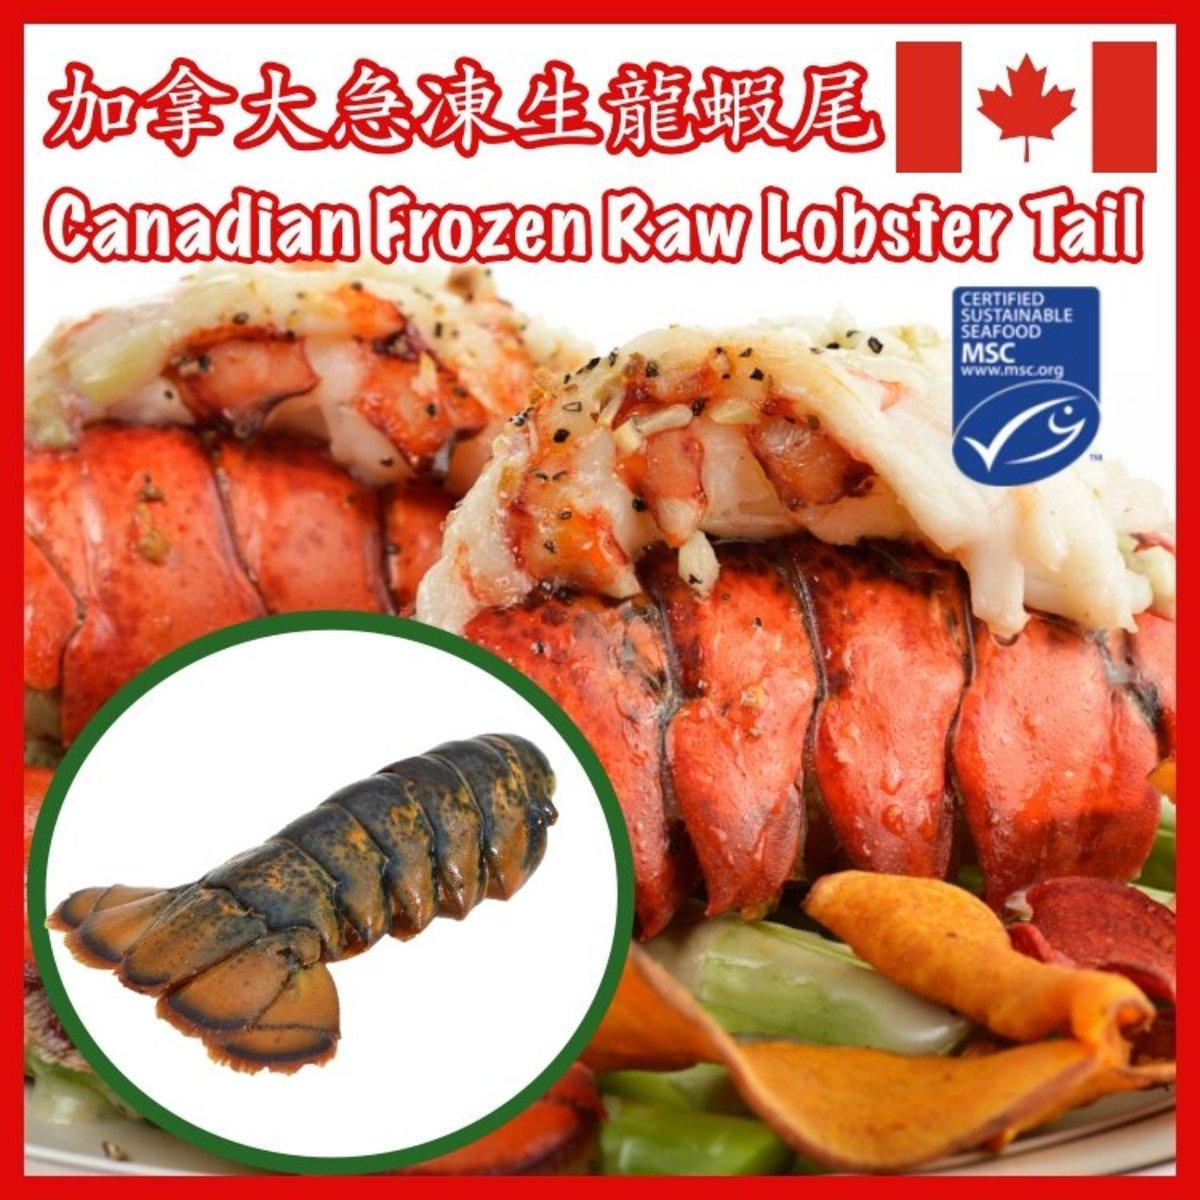 加拿大急凍生龍蝦尾,每隻約140克,每袋1隻